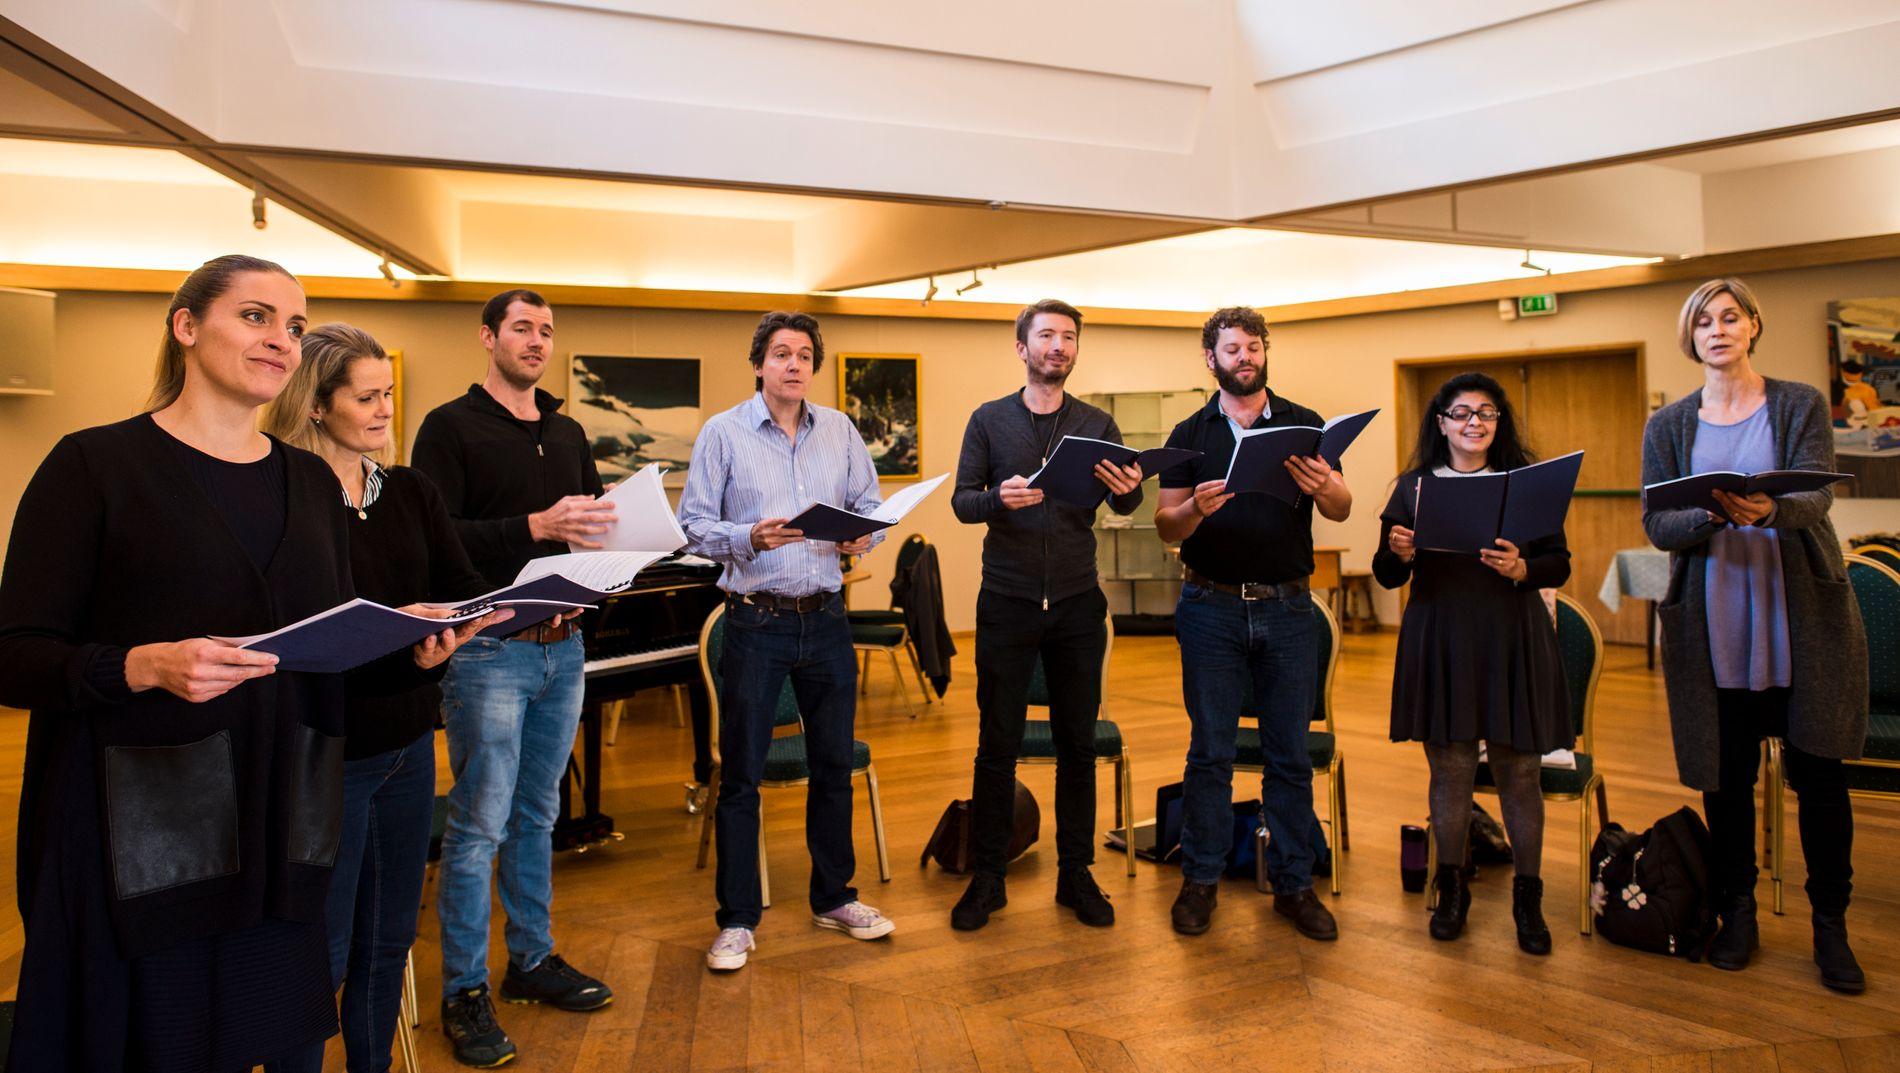 JESU' SISTE DAGER: De åtte sangerne i Edvard Grieg Kor synger John Stainers påskepasjon i Domkirken på langfredag.